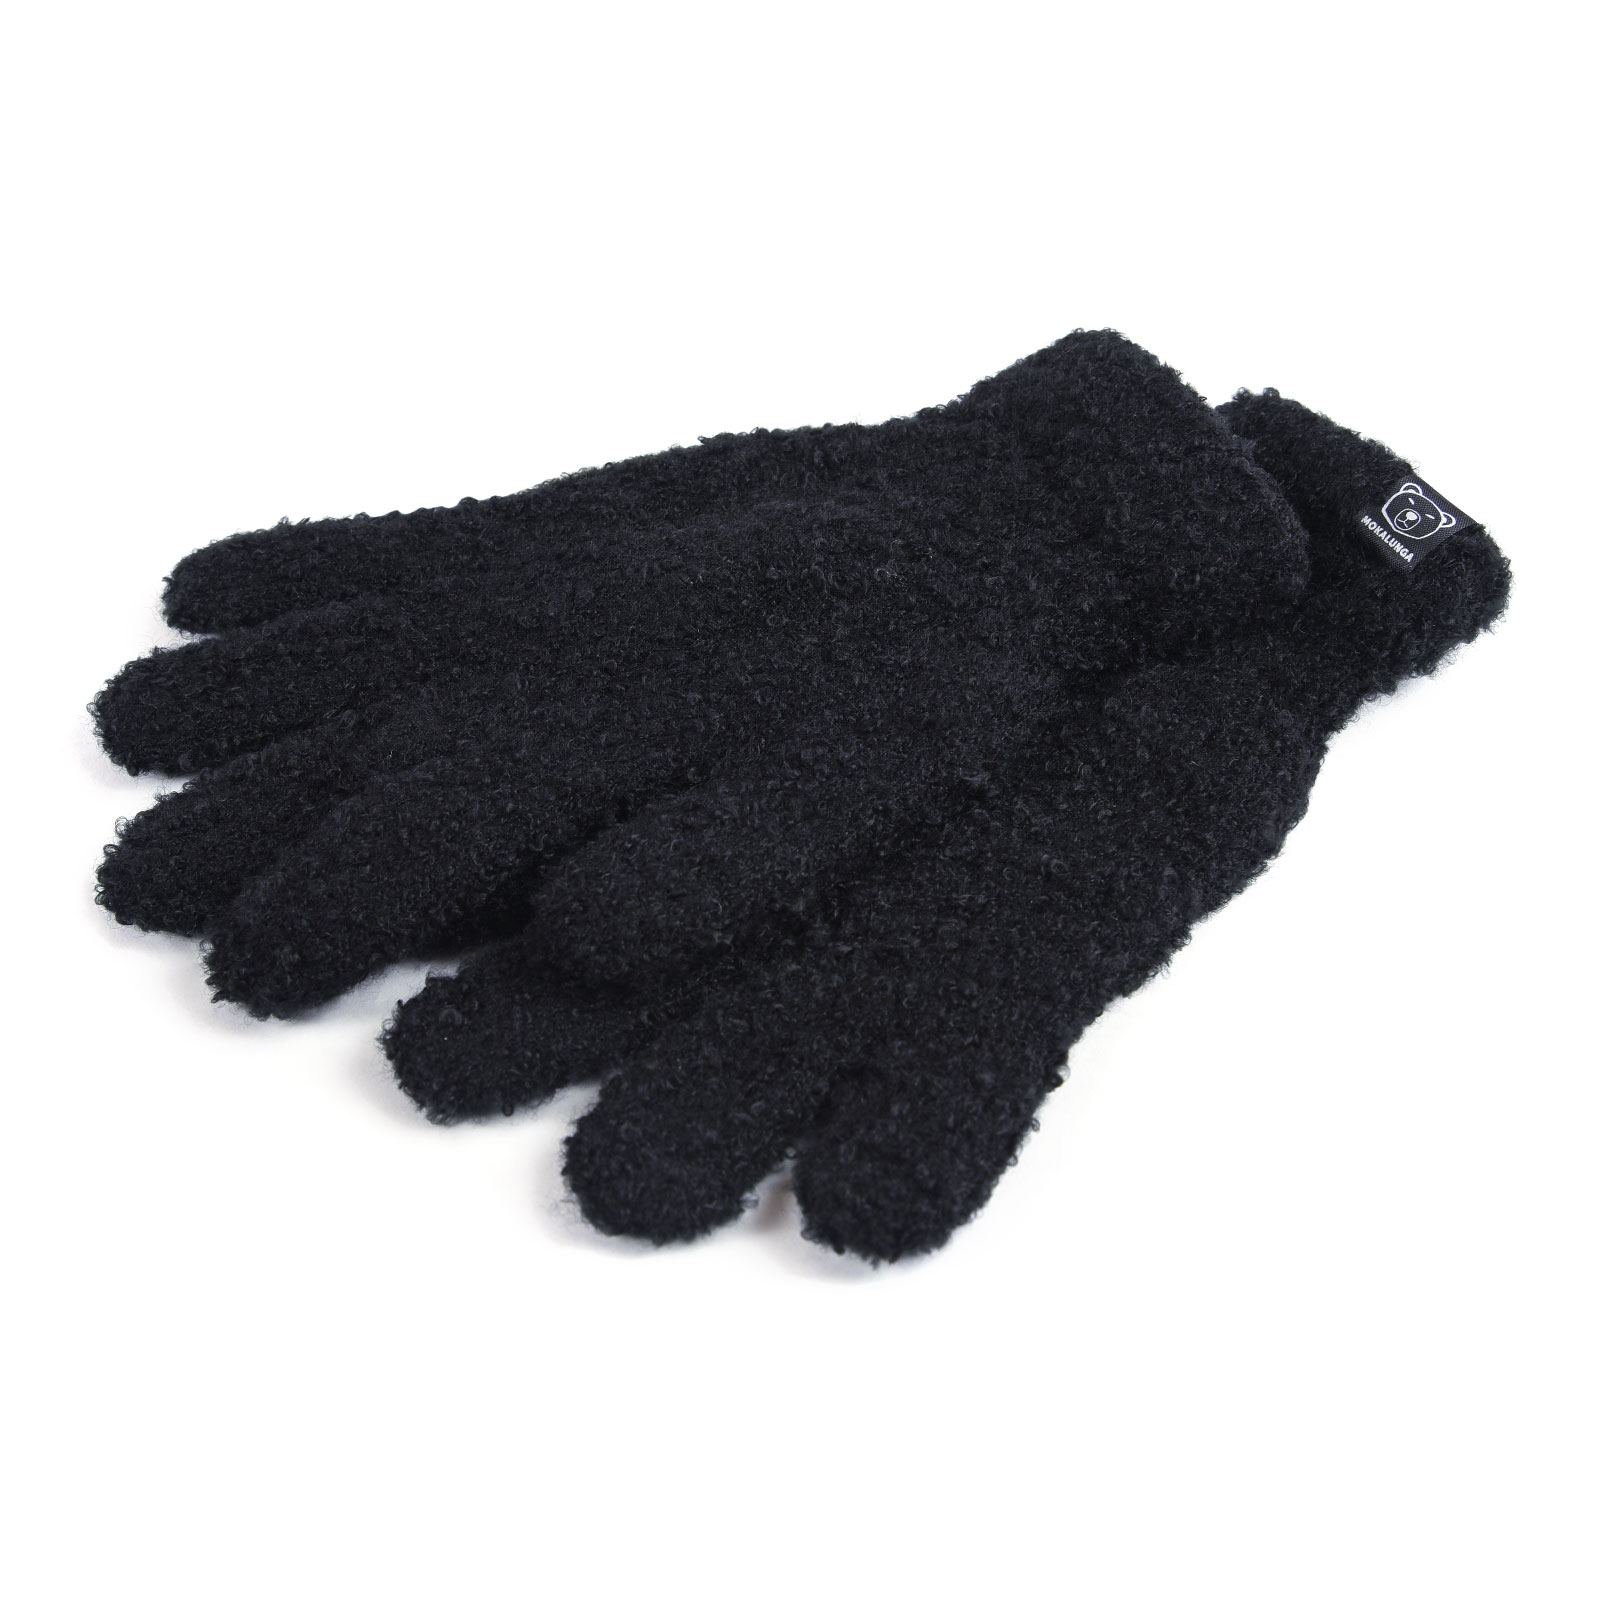 GA-00013-F16-P-paire-de-gants-noire